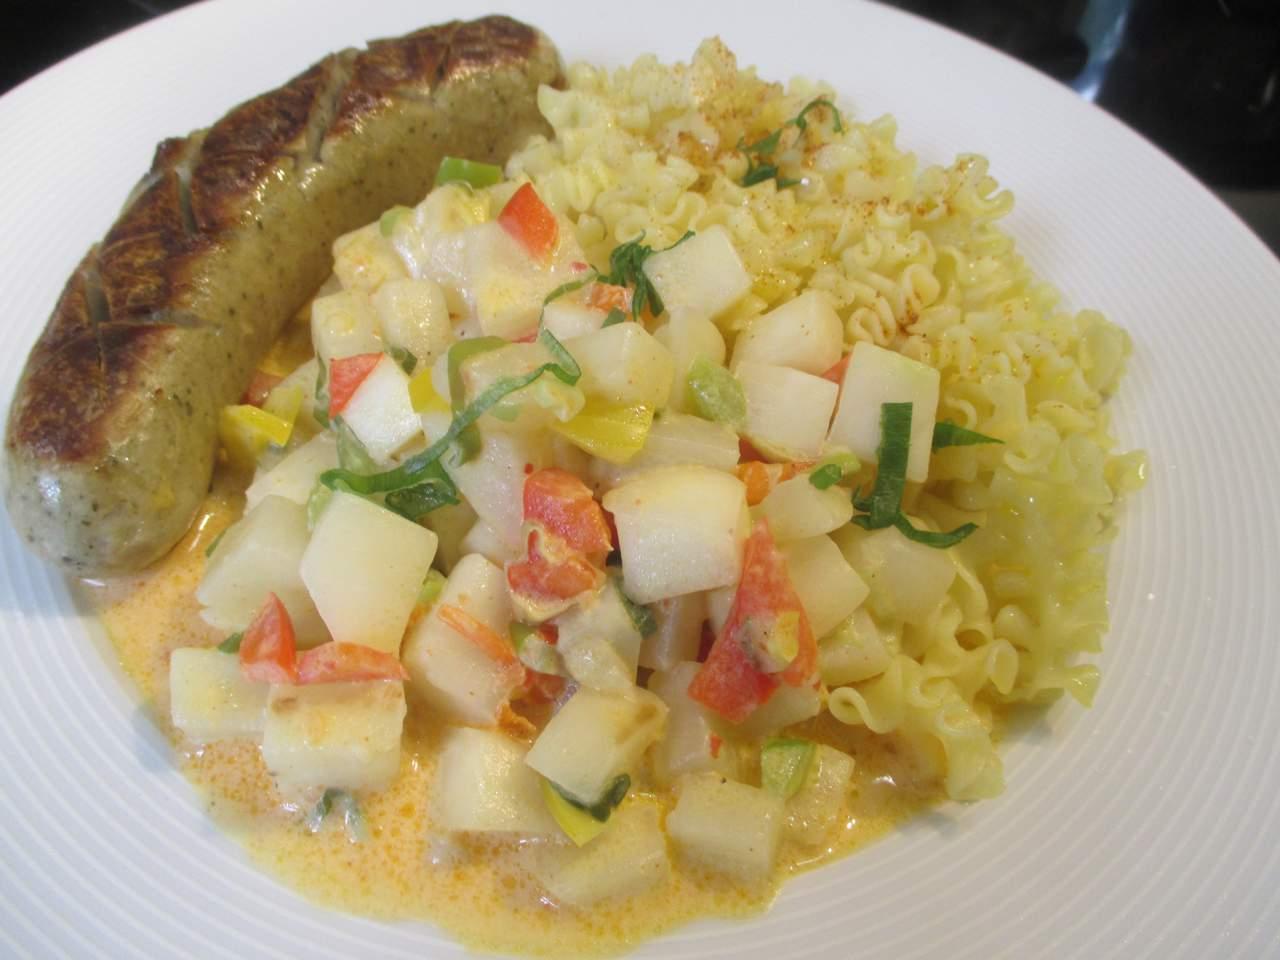 Fertiges Gericht frühlimgszartes Mairübchen Gemüse mit Nudeln und Bratwurst